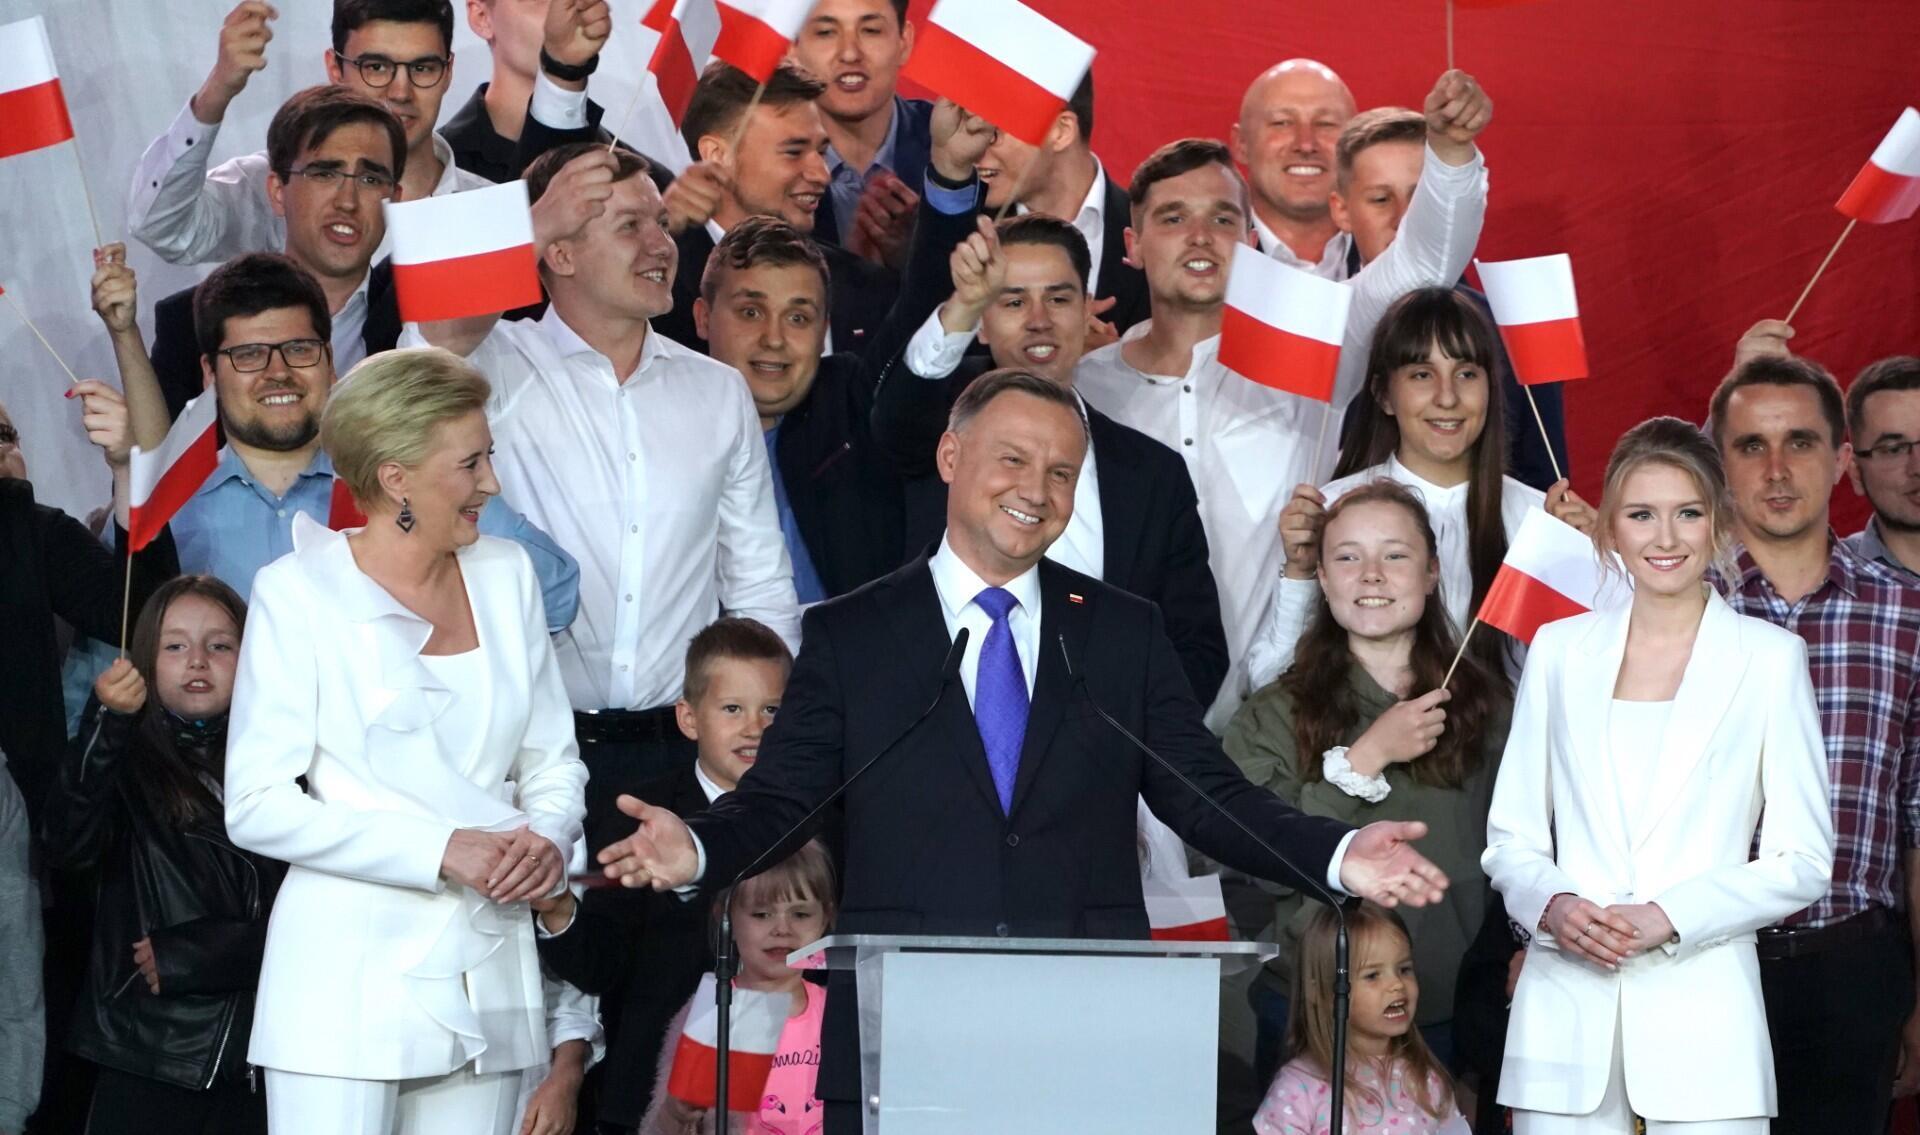 Le président conservateur, Andrzej Duda, s'adresse à ses partisans à Pultusk, en Pologne, le 12 juillet 2020.